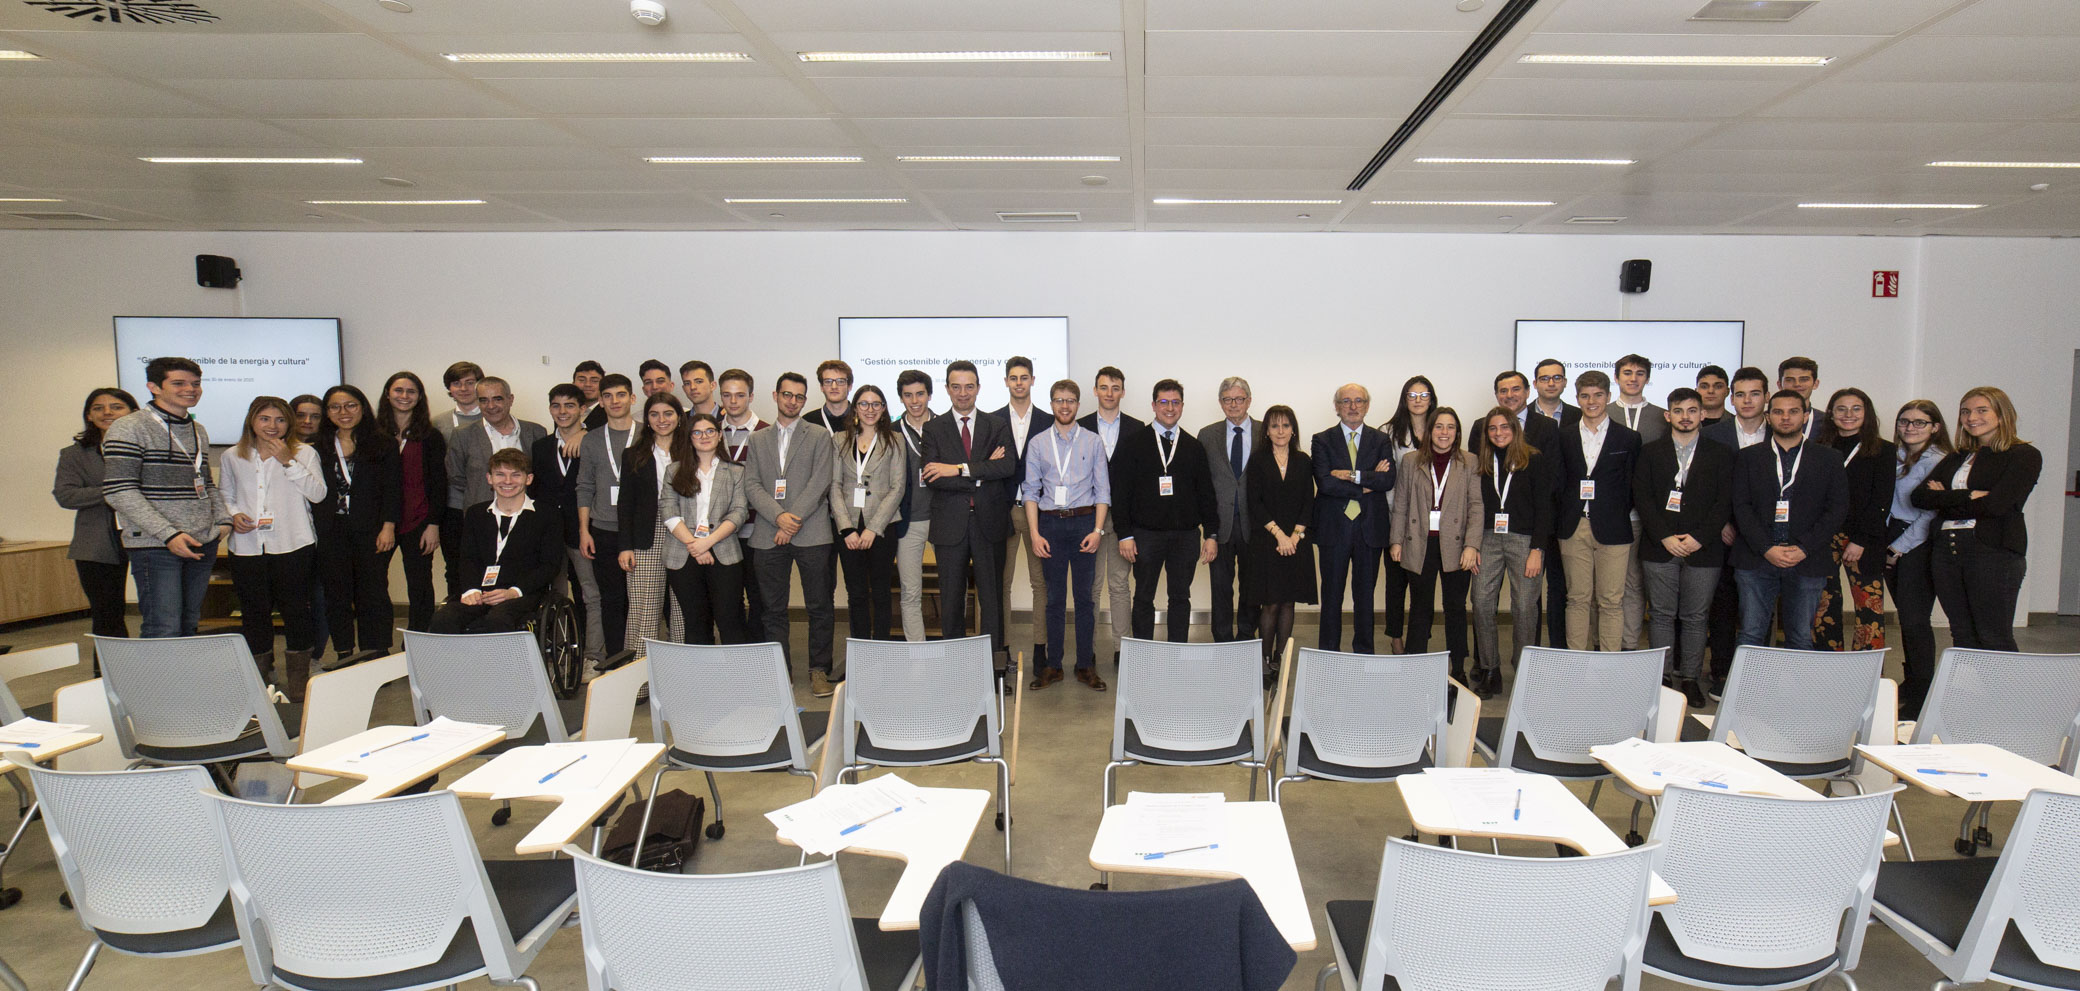 Primera edició dels Focus days de Repsol a Madrid